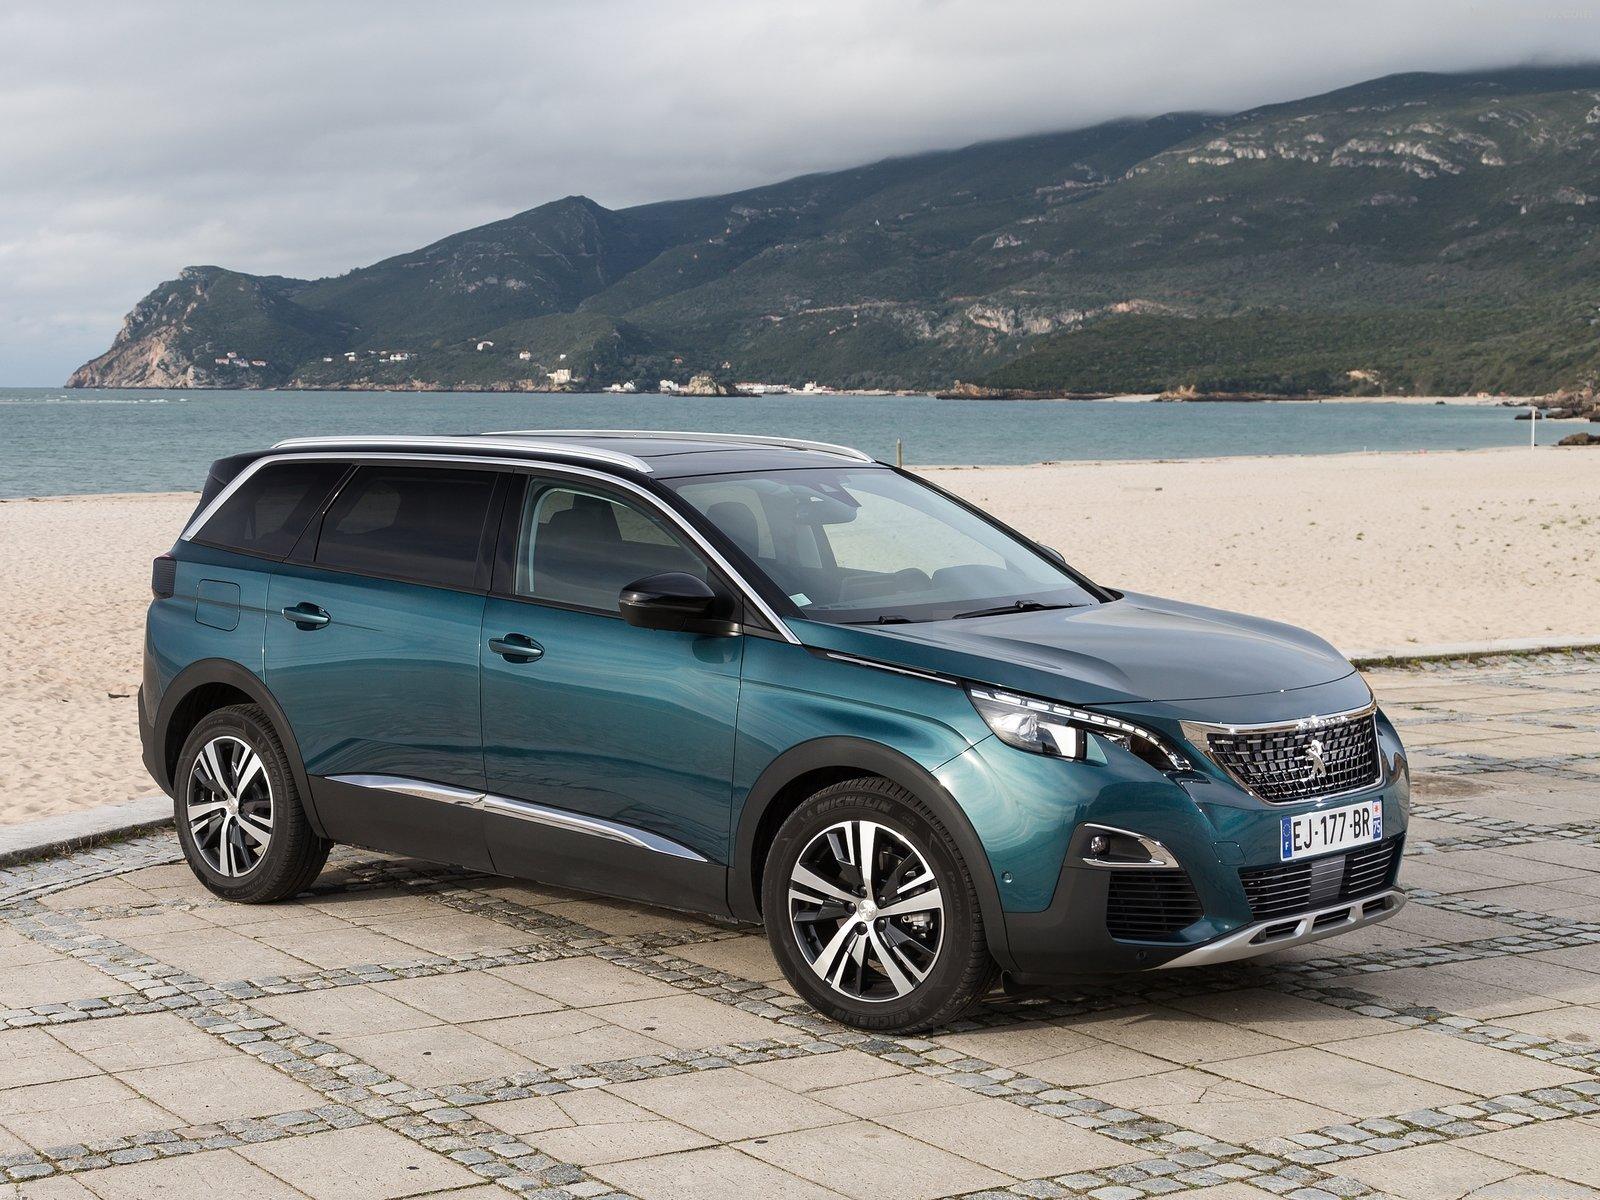 Peugeot-5008-2017-1600-03